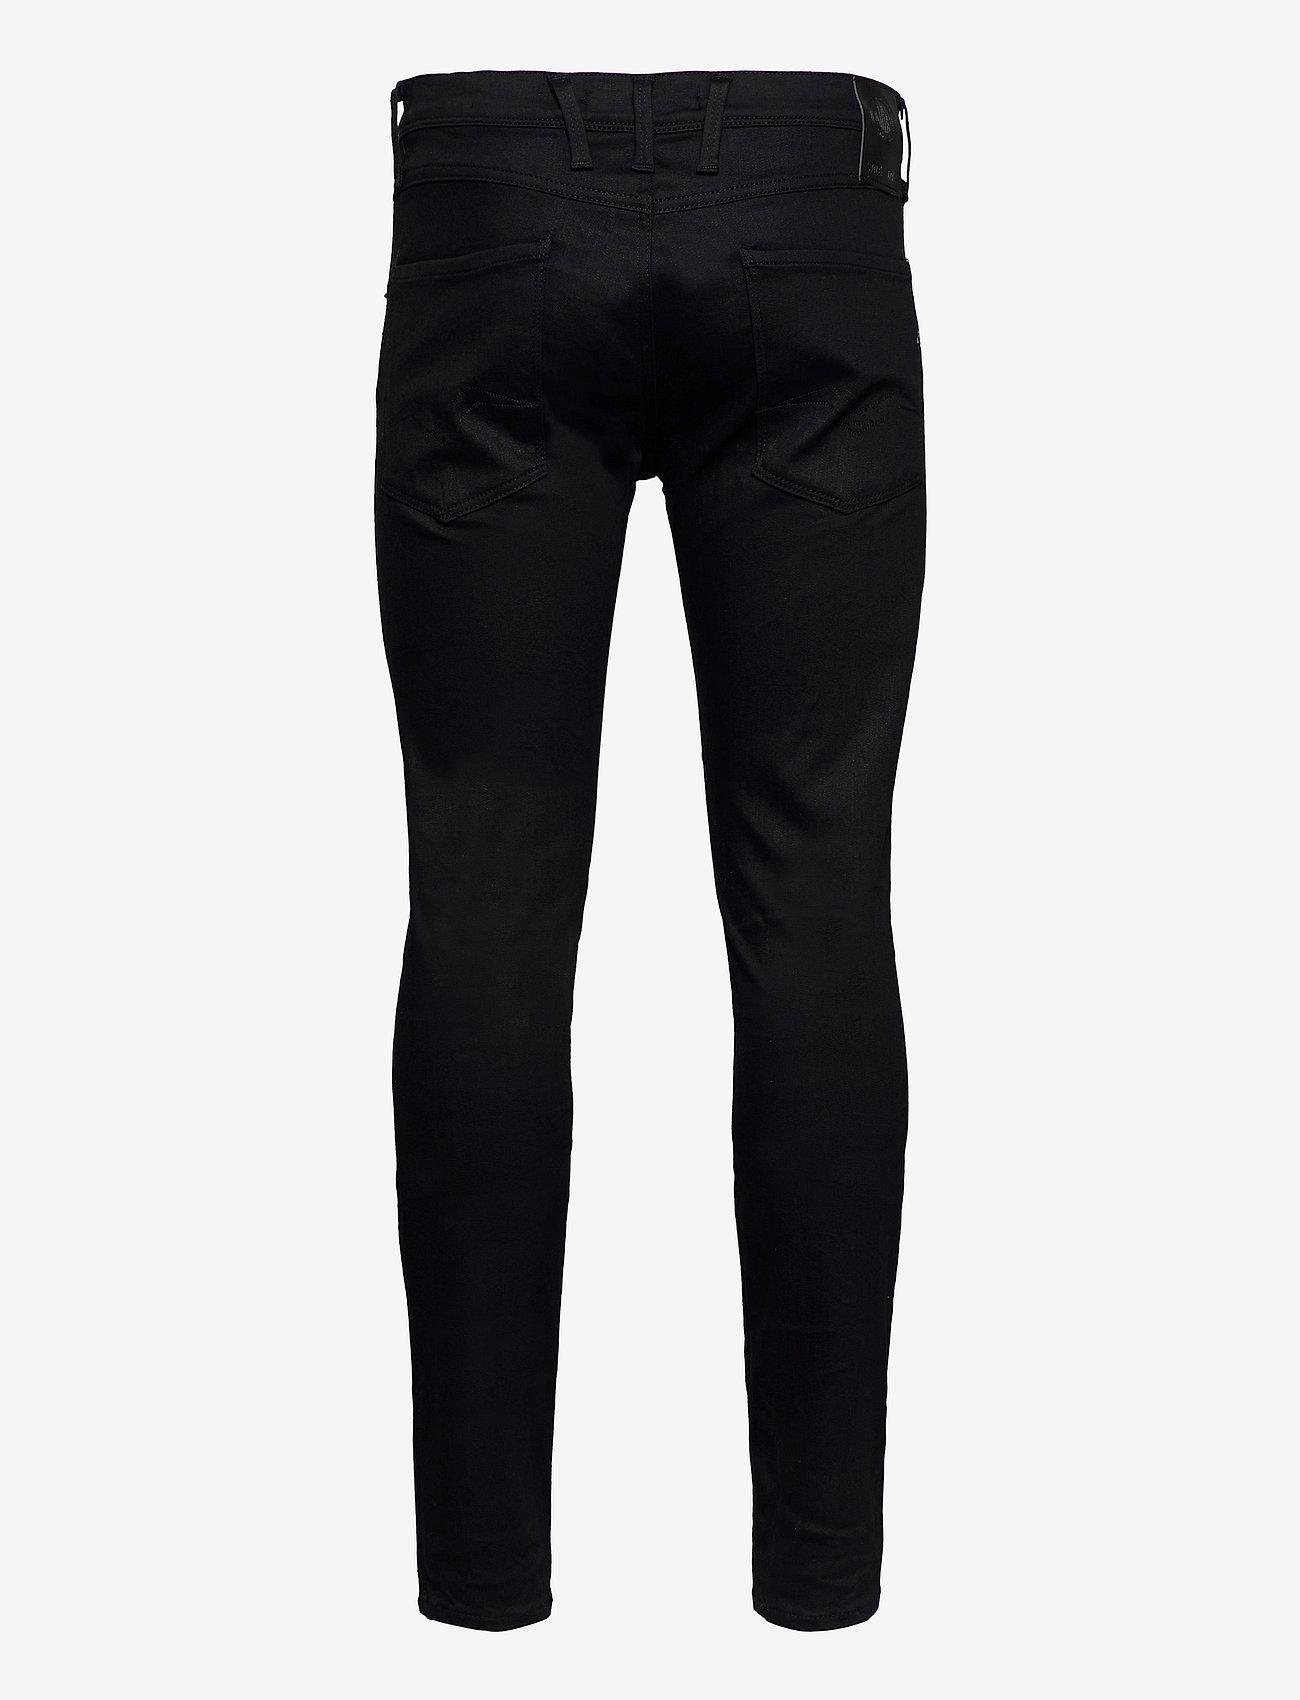 Replay ANBASS - Jeans BLACK - Menn Klær